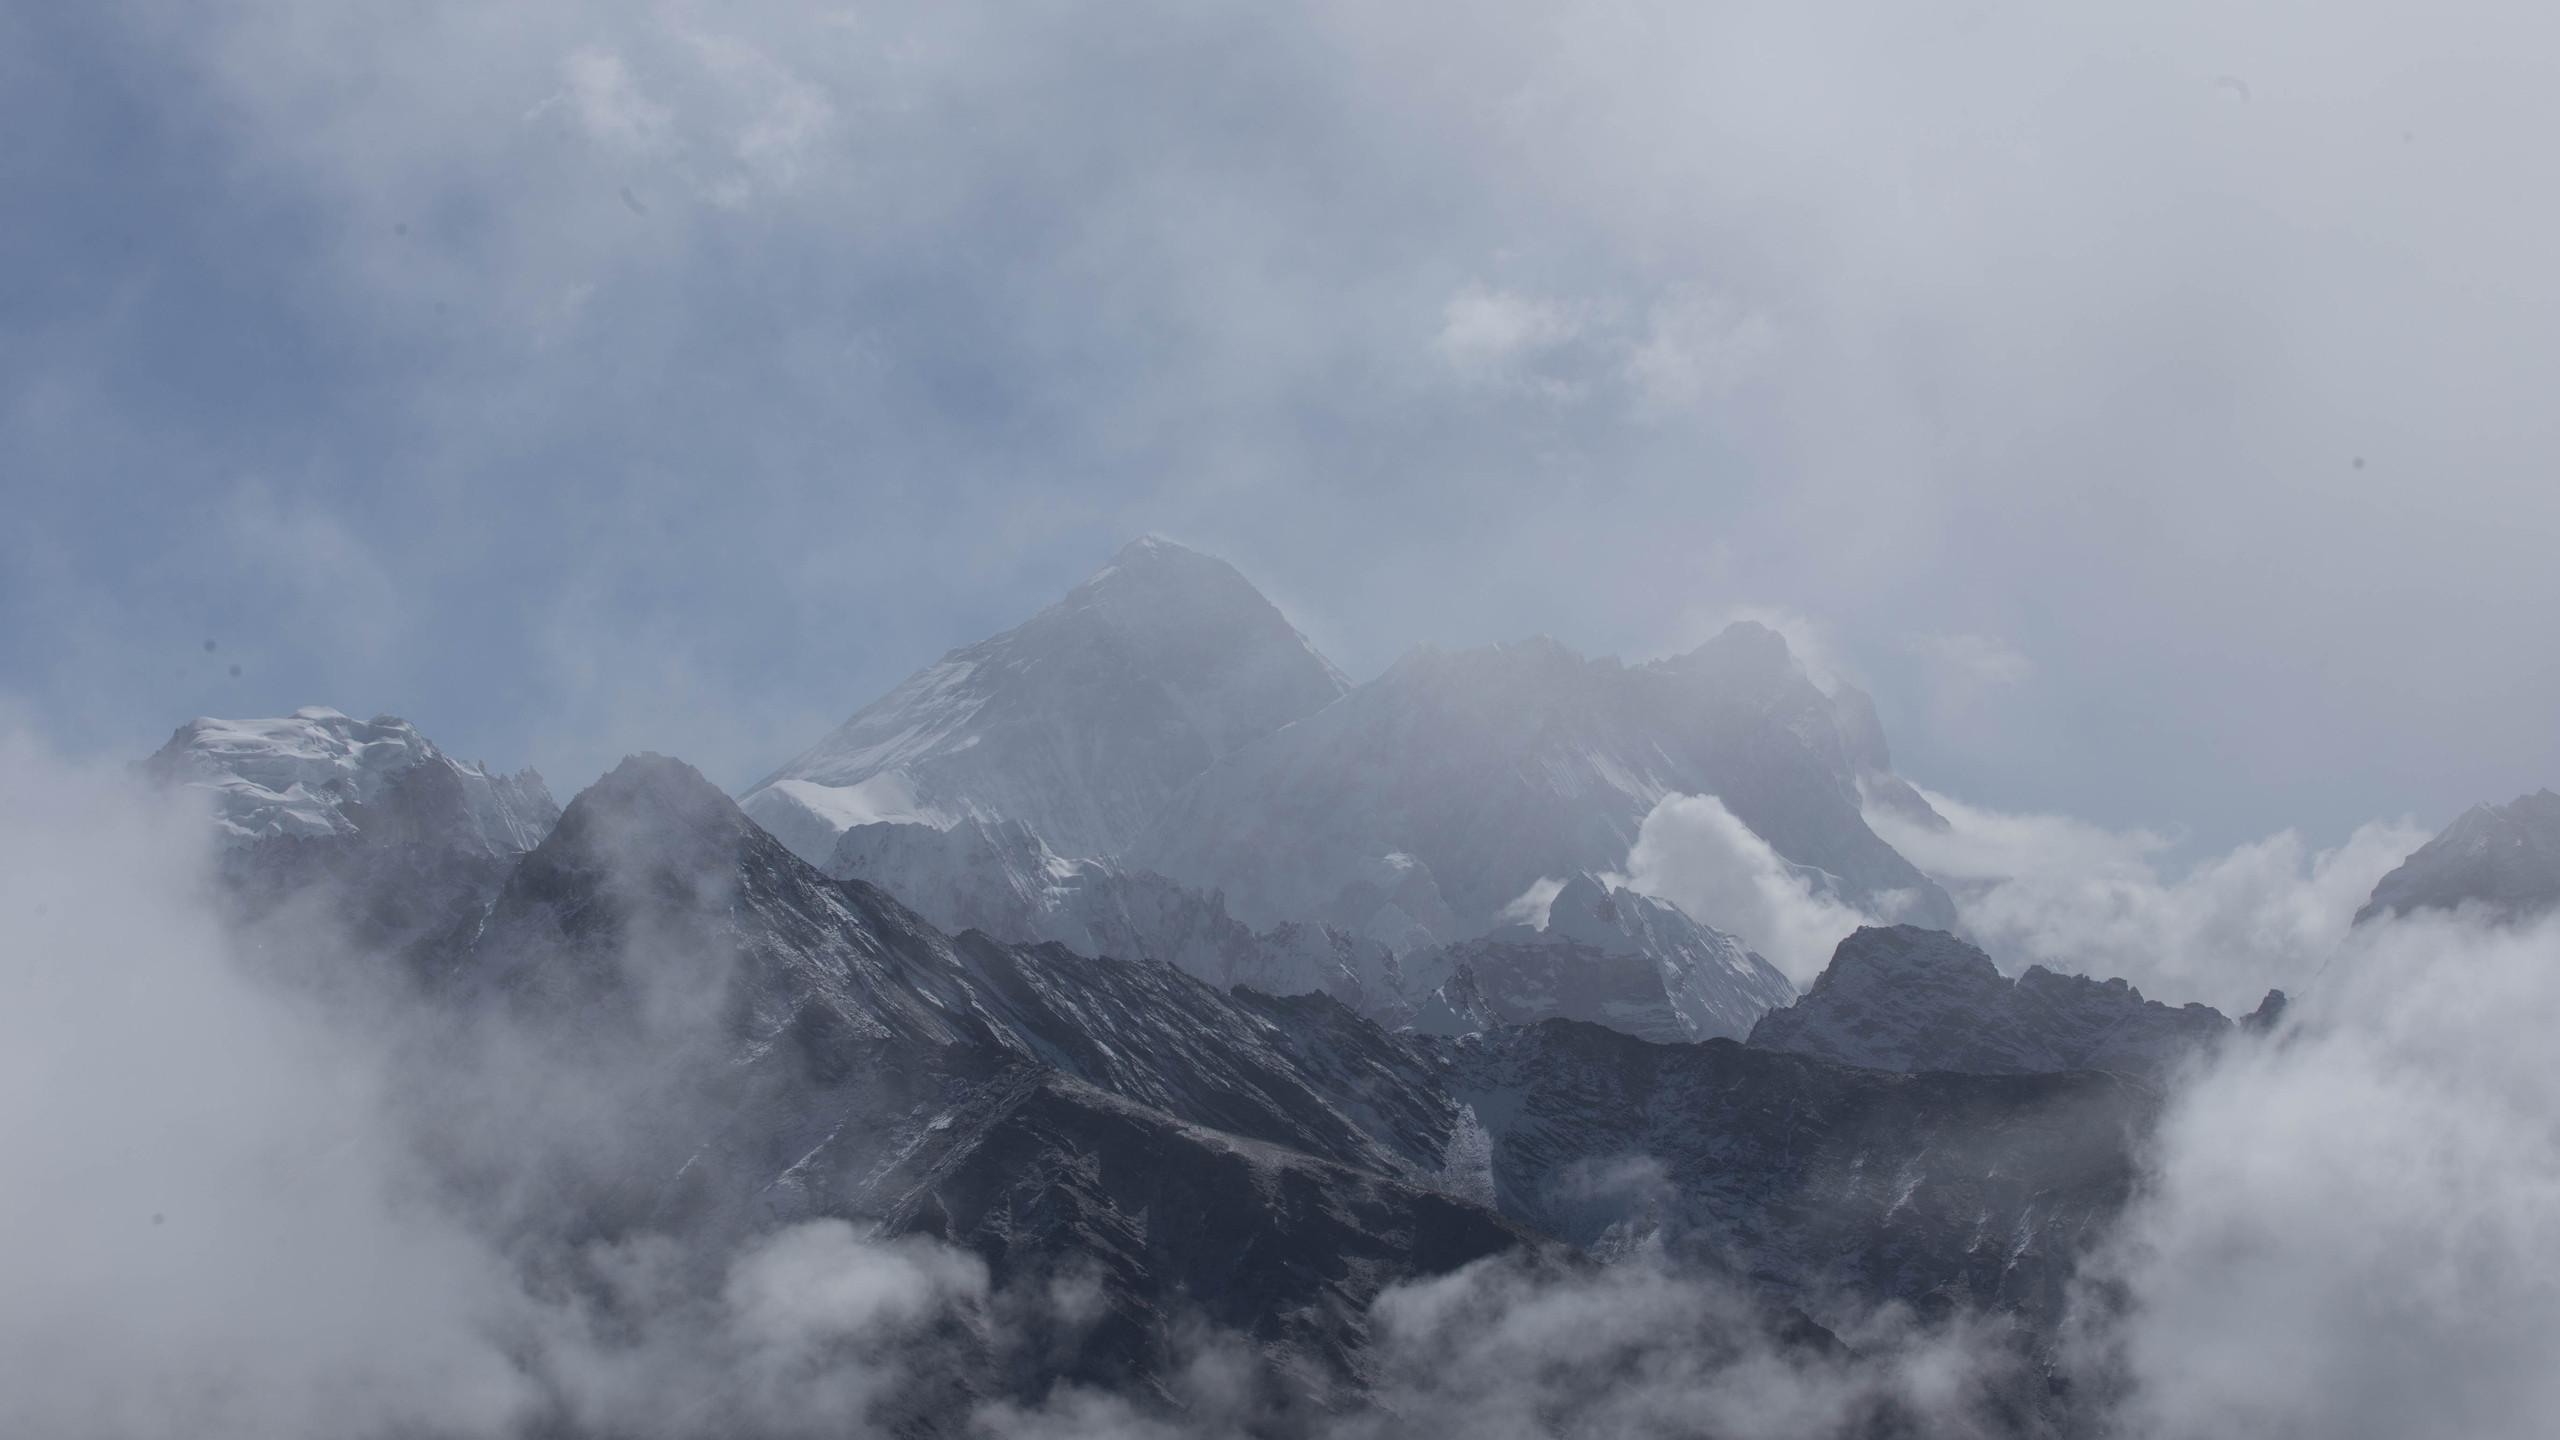 Mount Everest standing proud